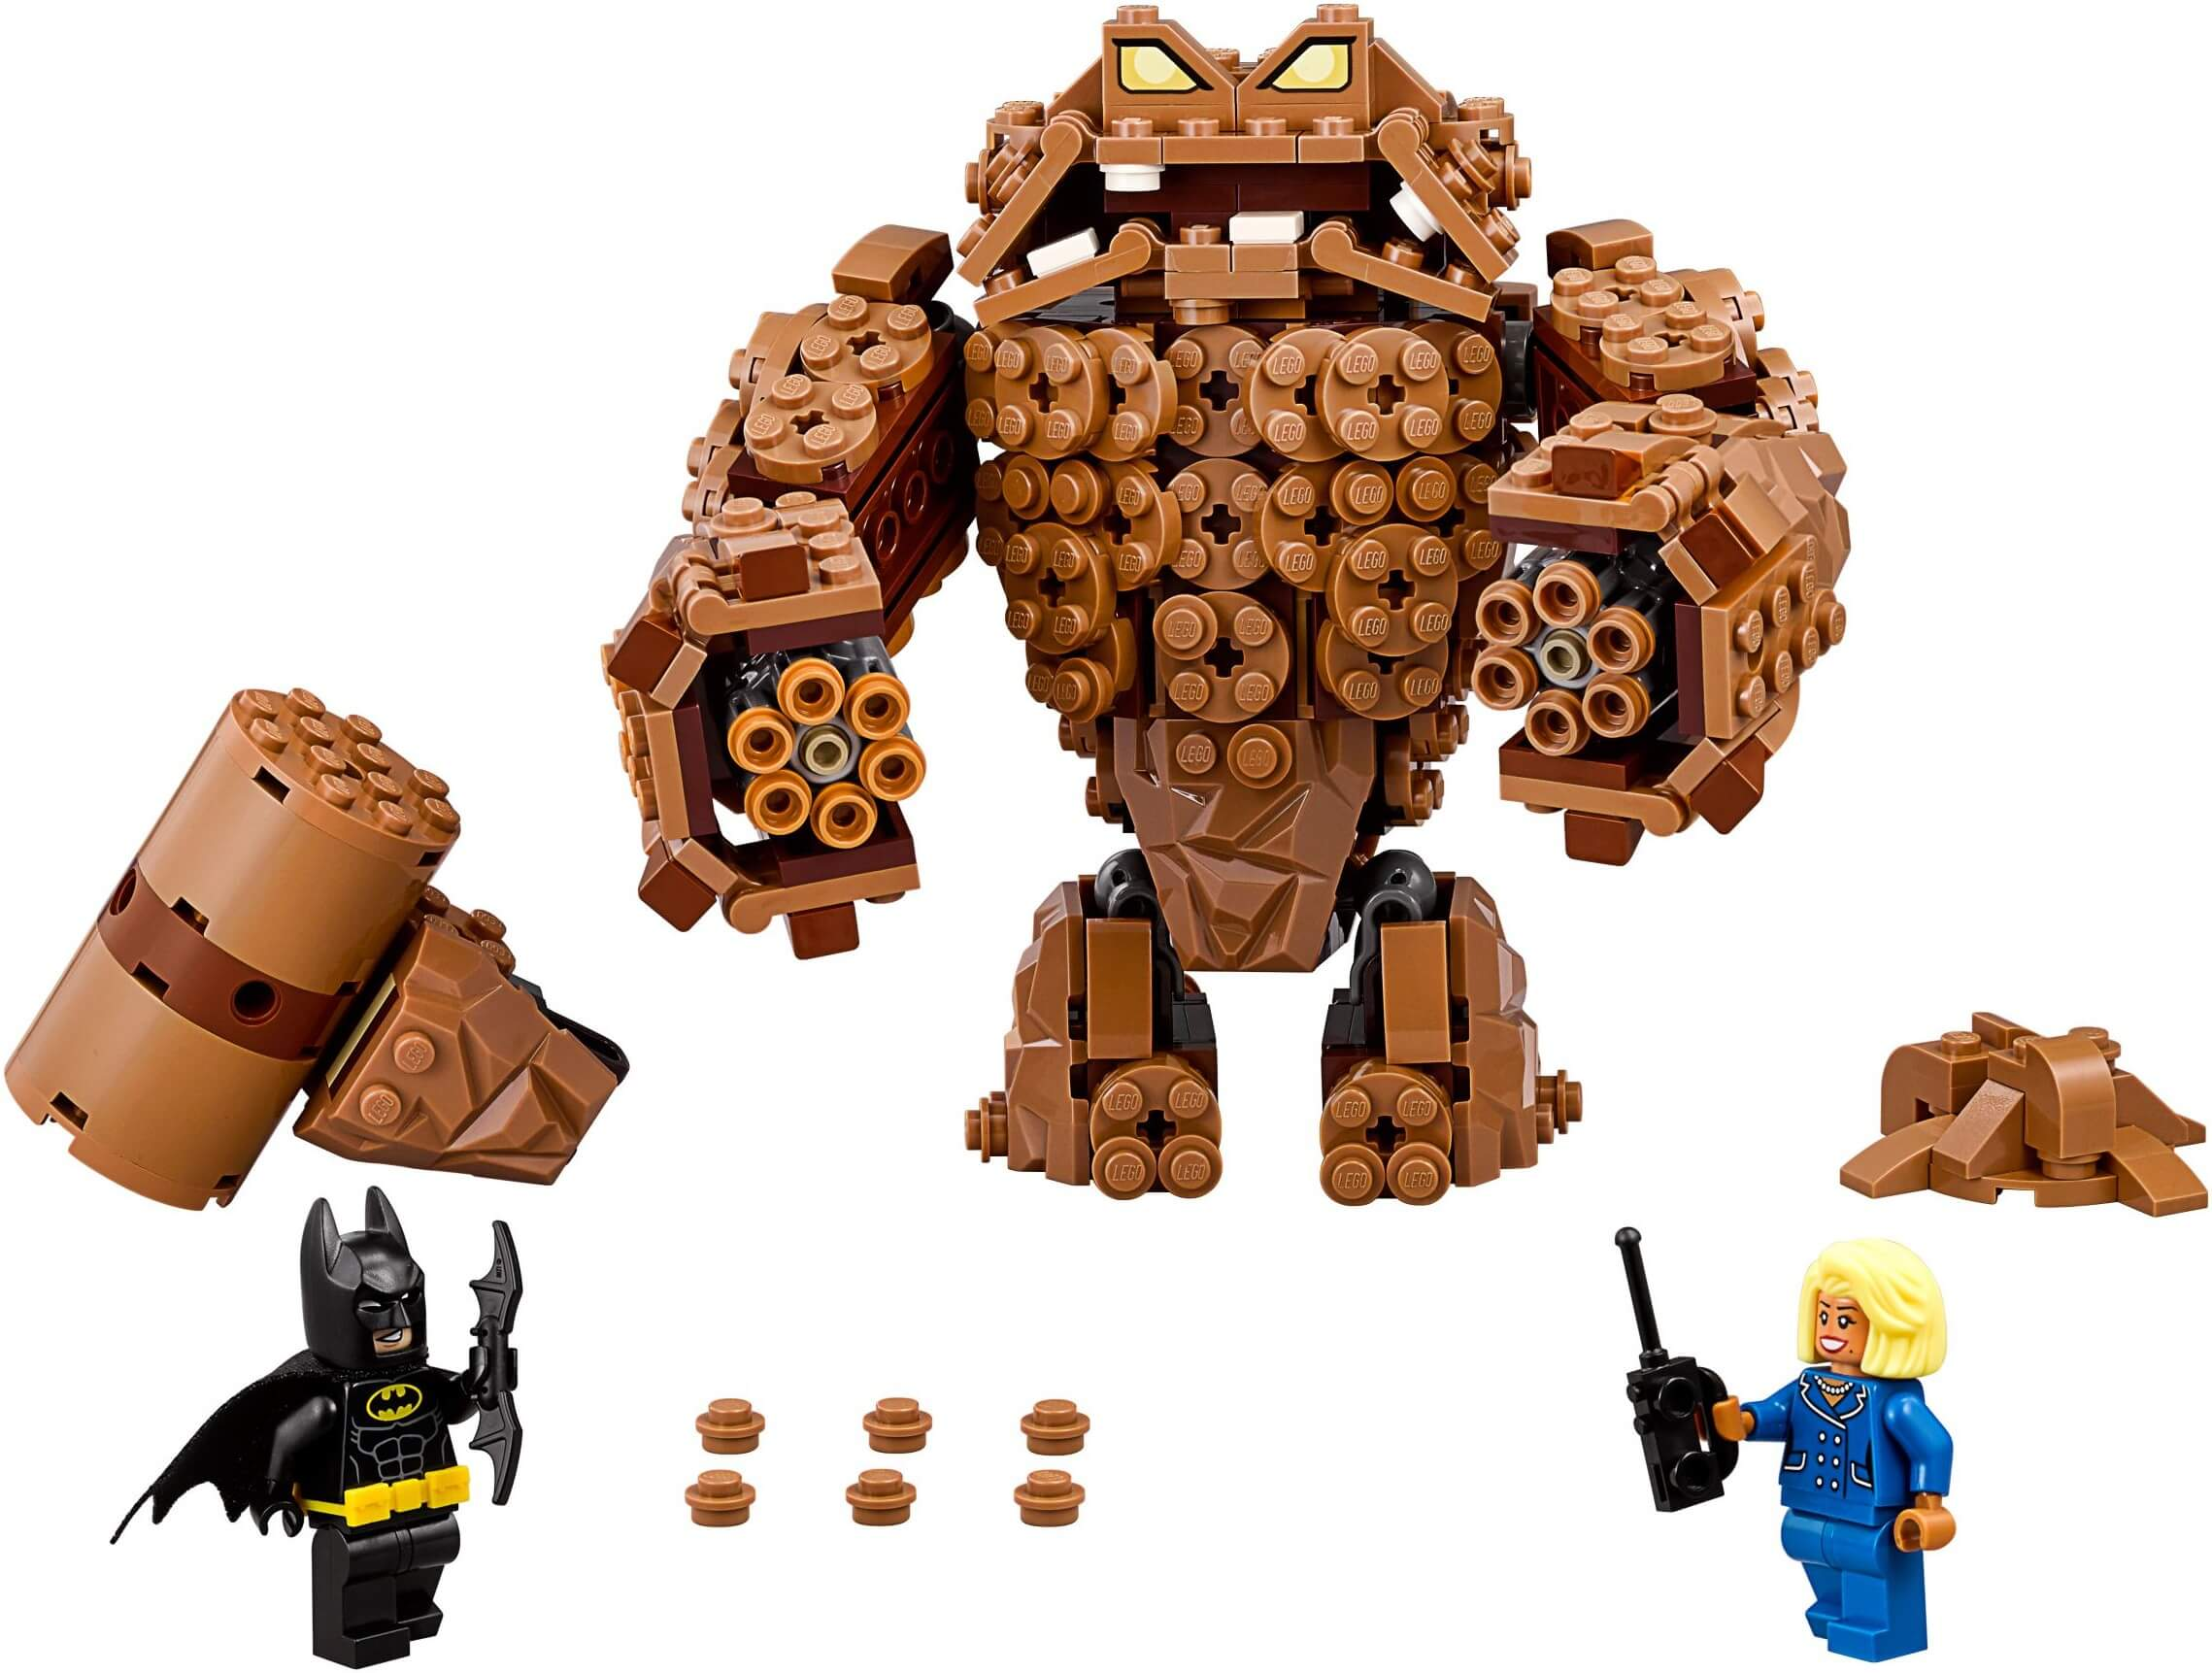 Mua đồ chơi LEGO 70904 - LEGO Batman Movie 70904 - Batman đại chiến Clayface (LEGO 70904 Clayface Splat Attack)